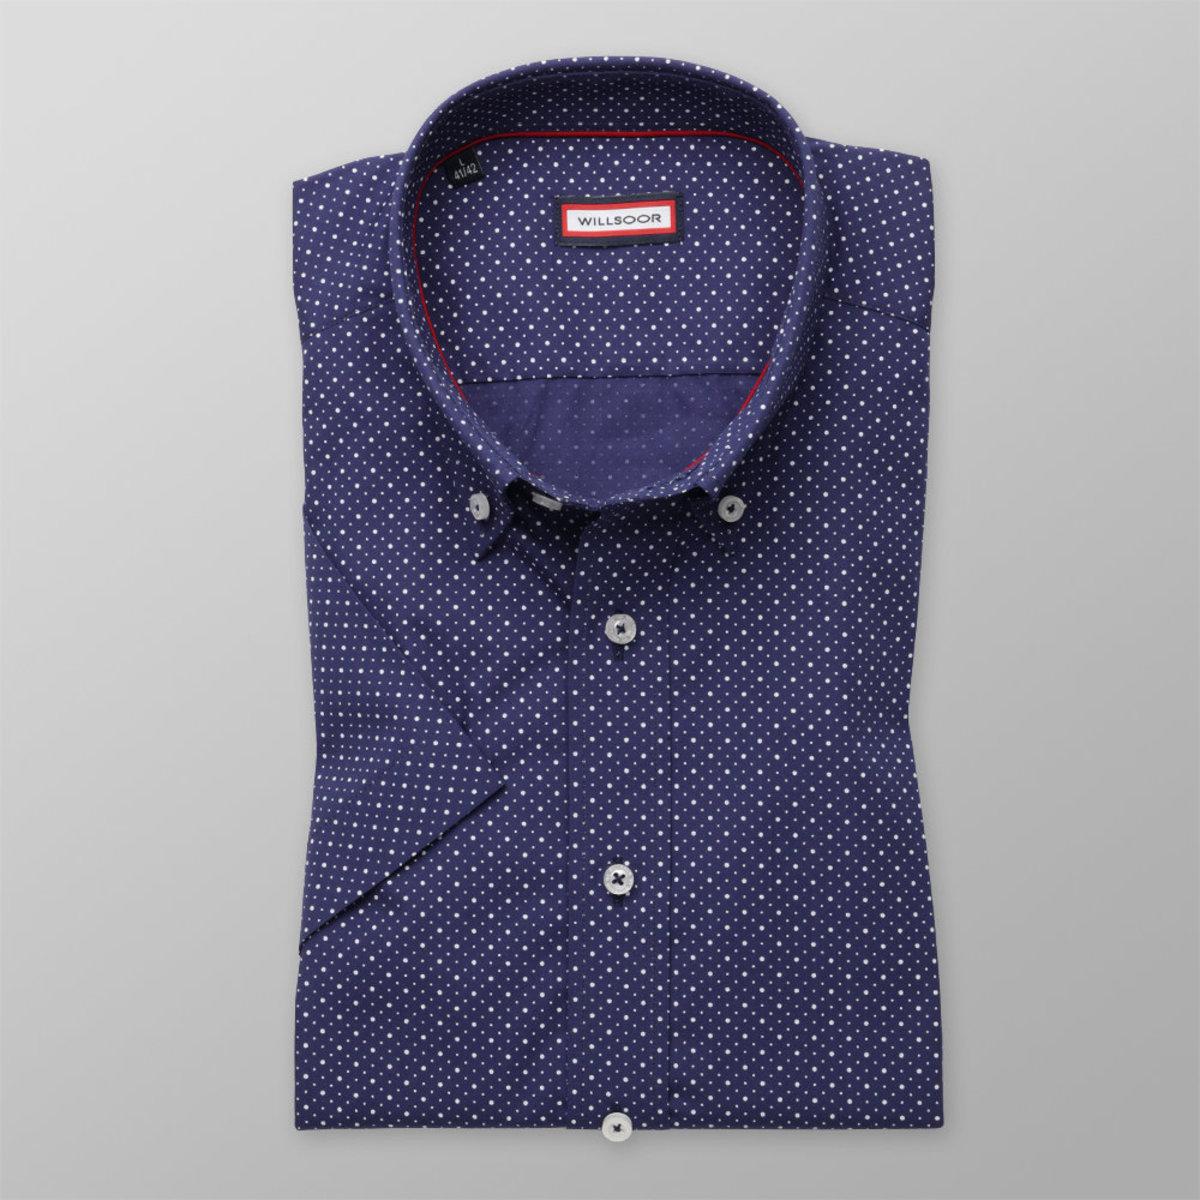 Košeľa Slim Fit s bodkovaným vzorom (výška 176 - 182) 10858 176-182 / L (41/42)